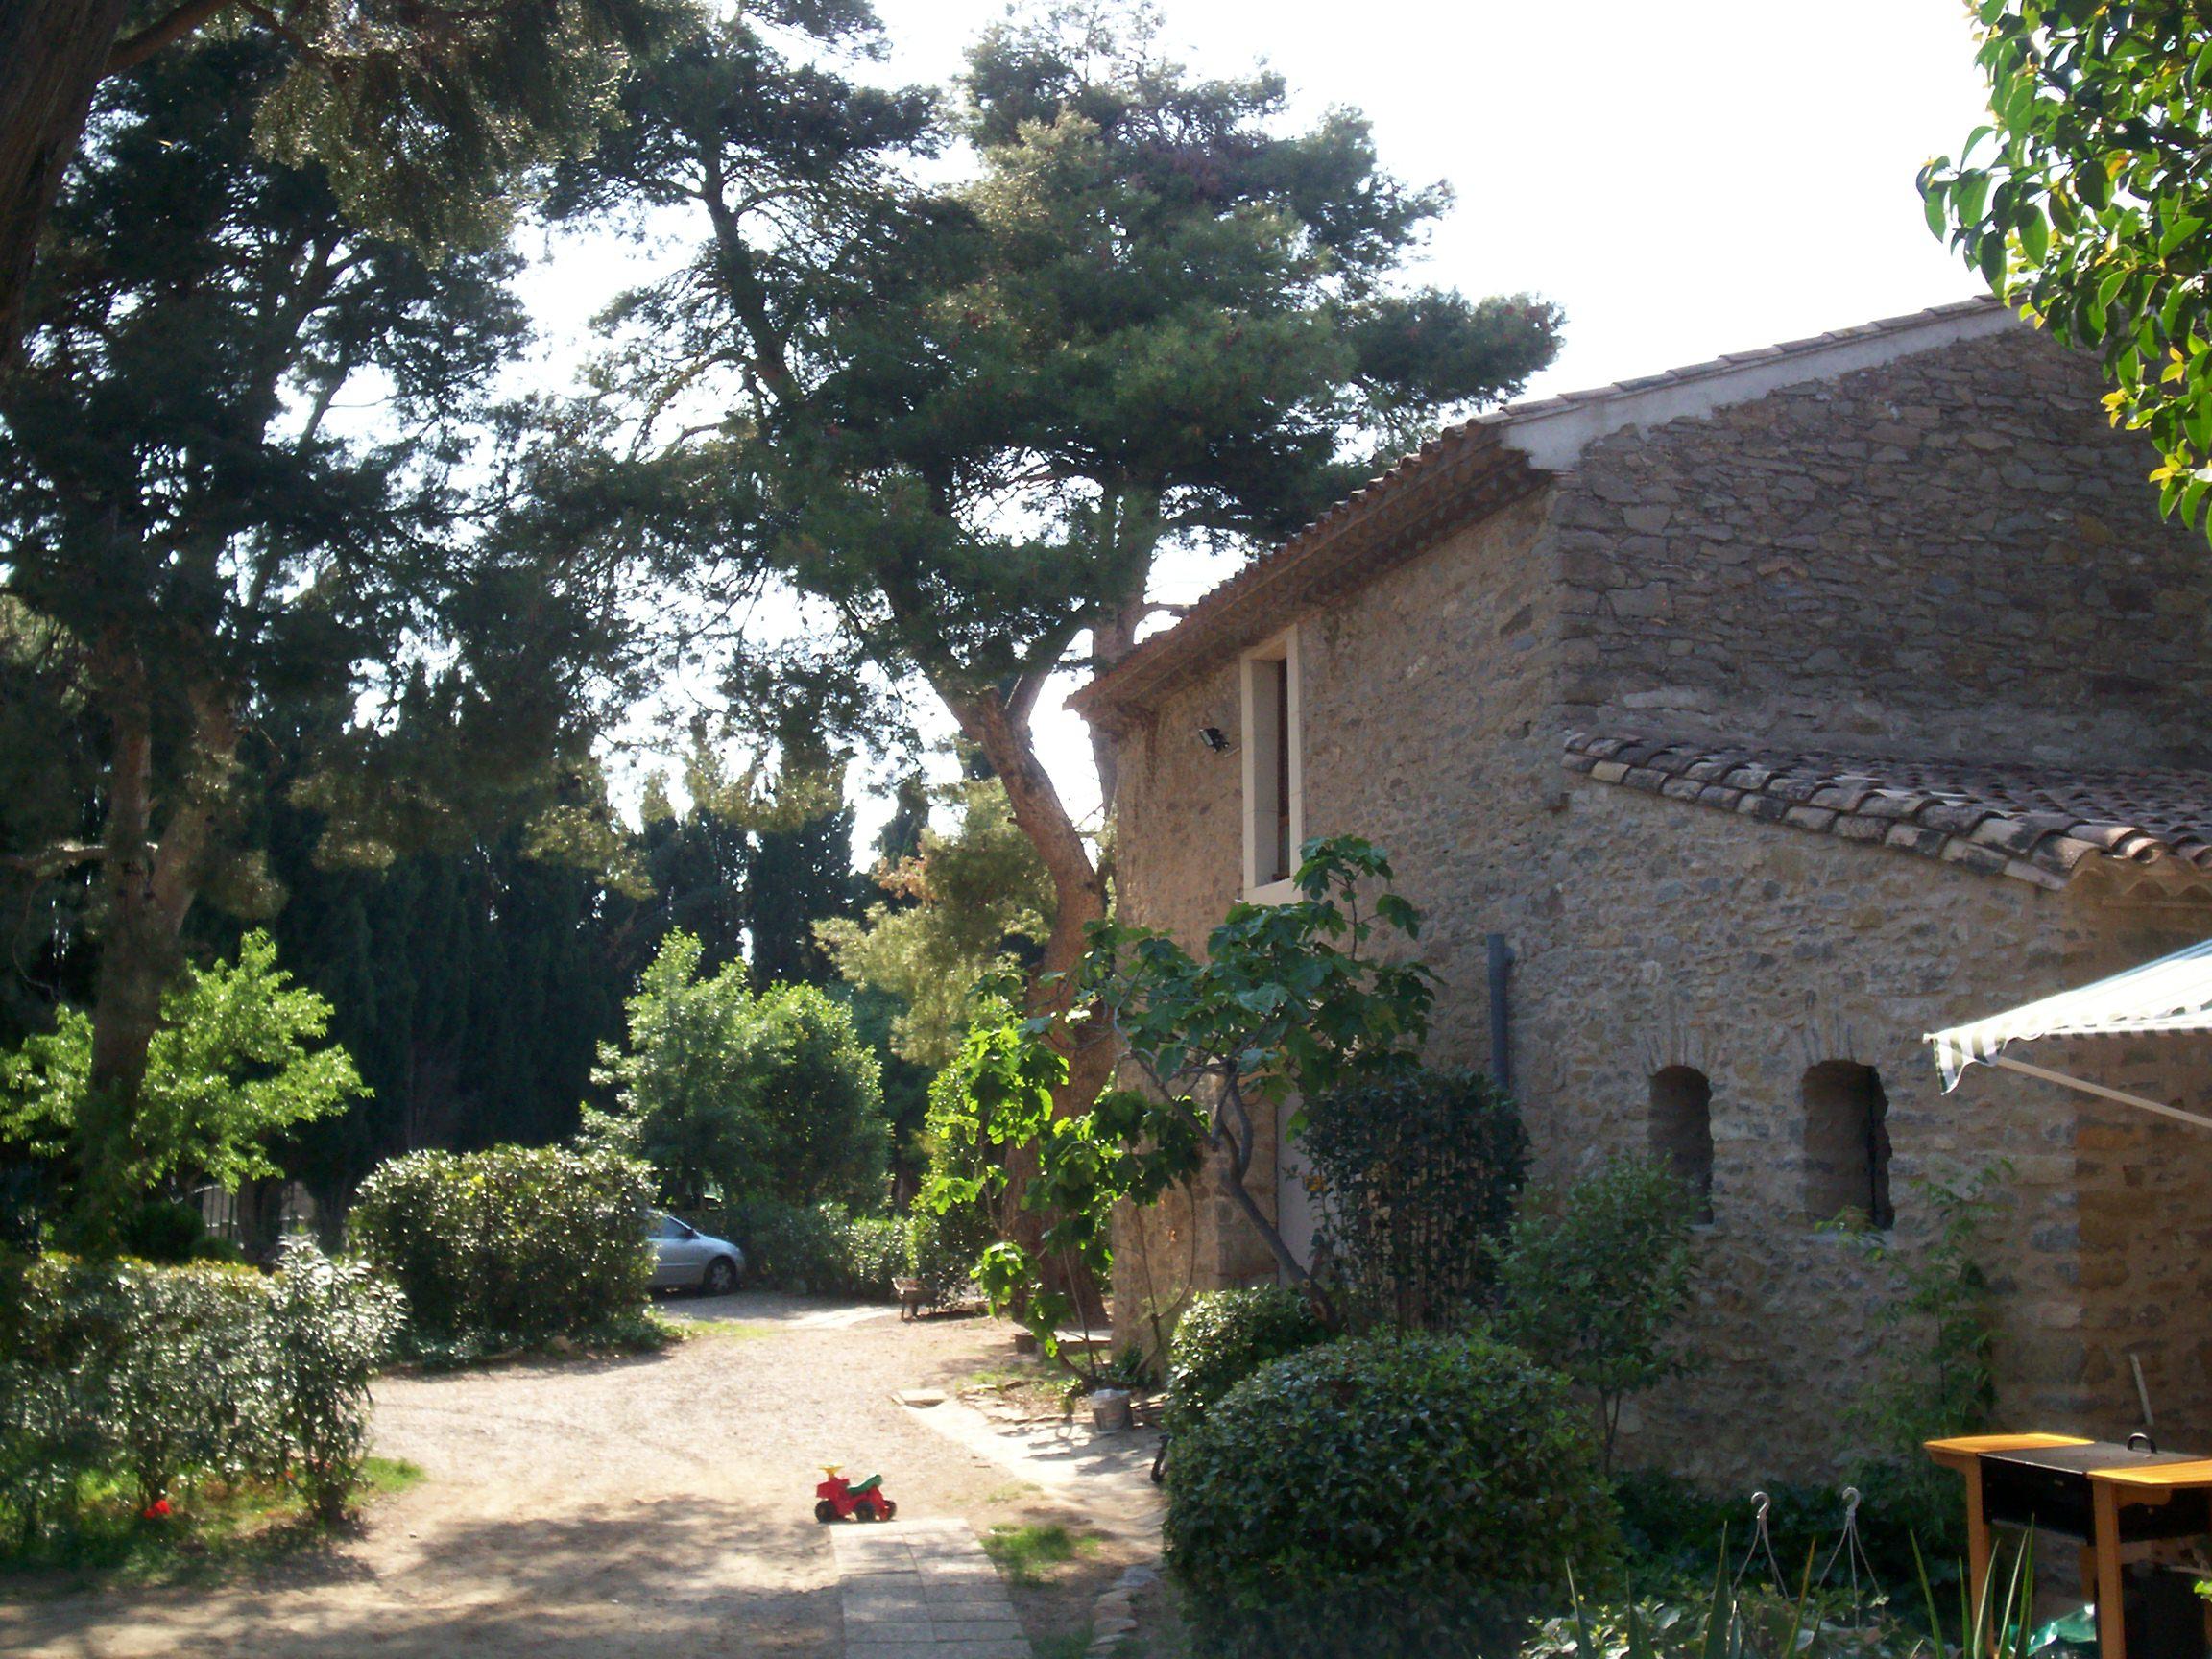 Le jardin domaine de la pinsonni re for Le jardin catalan